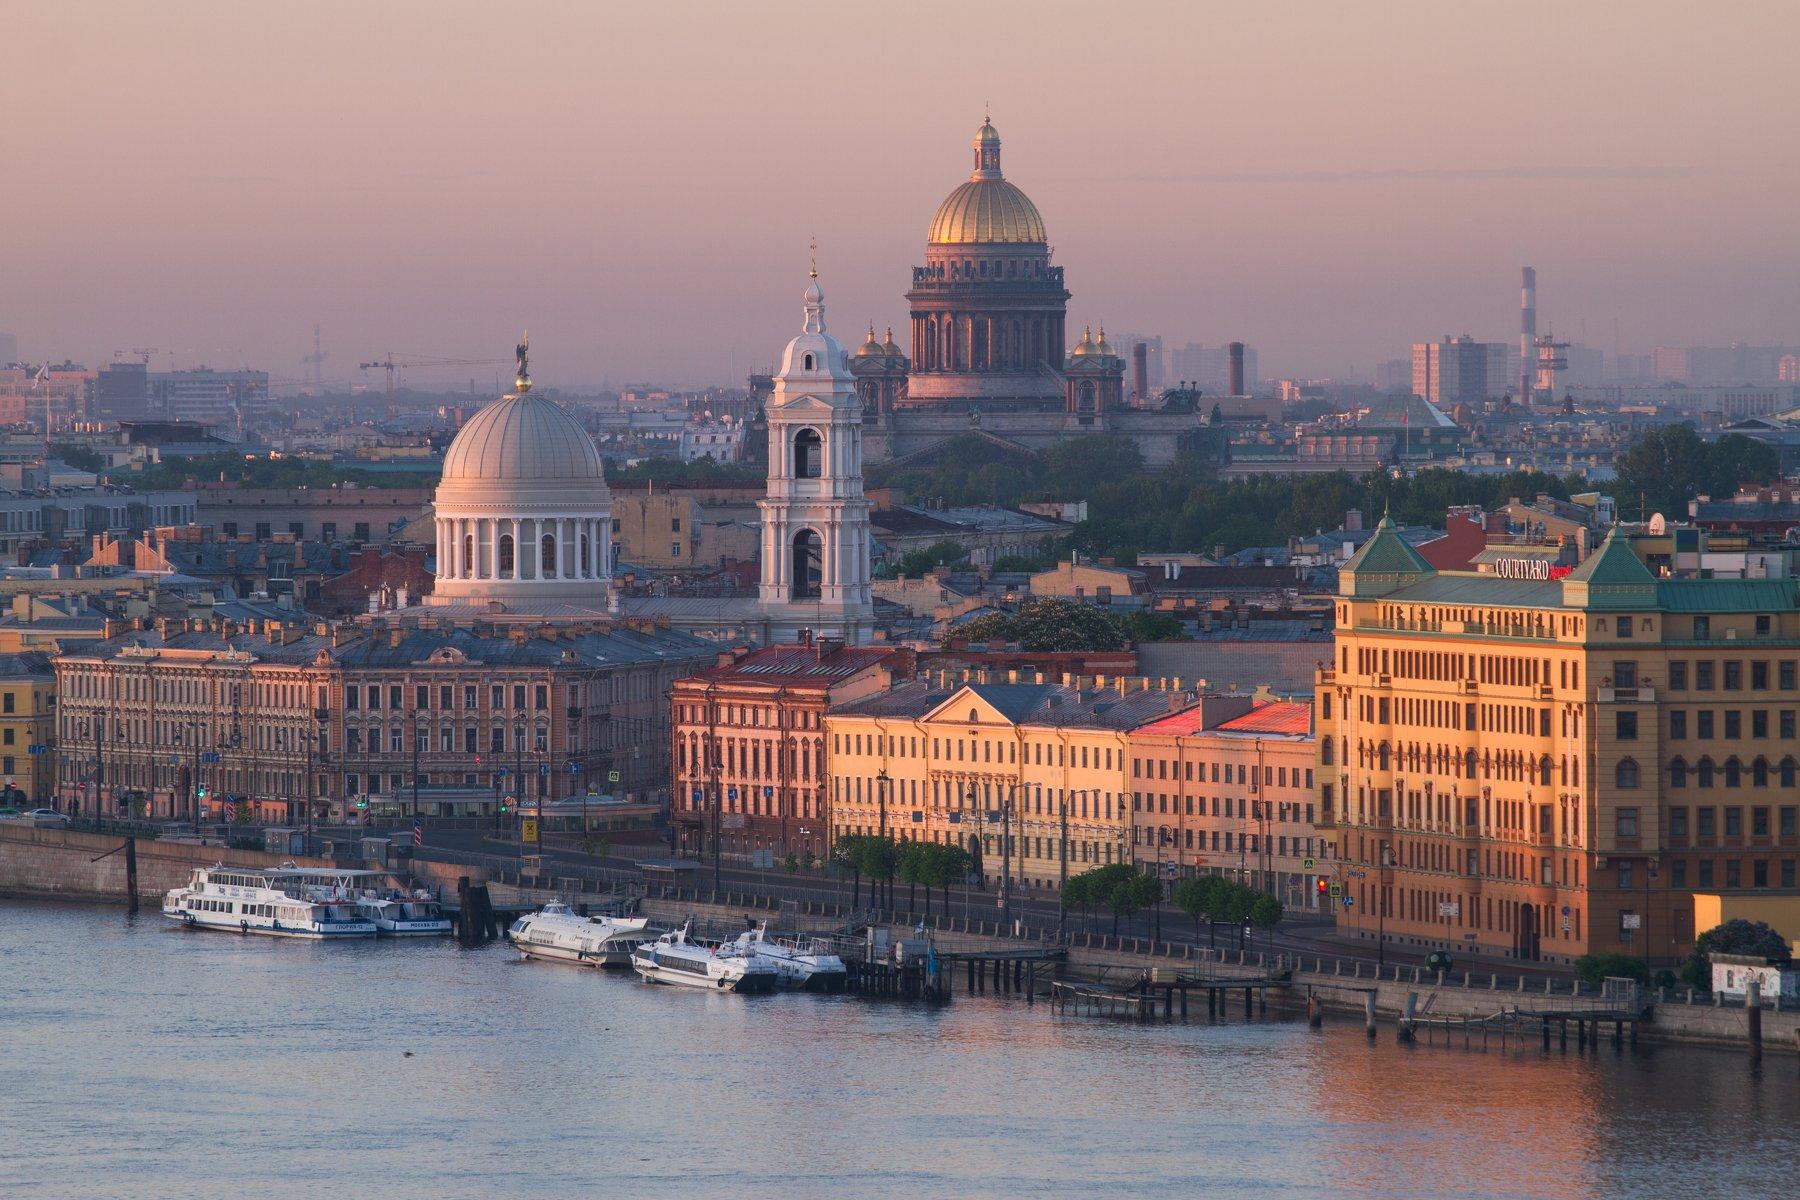 россия, санкт-петербург, рассвет, городской пейзаж, Креймер Мария